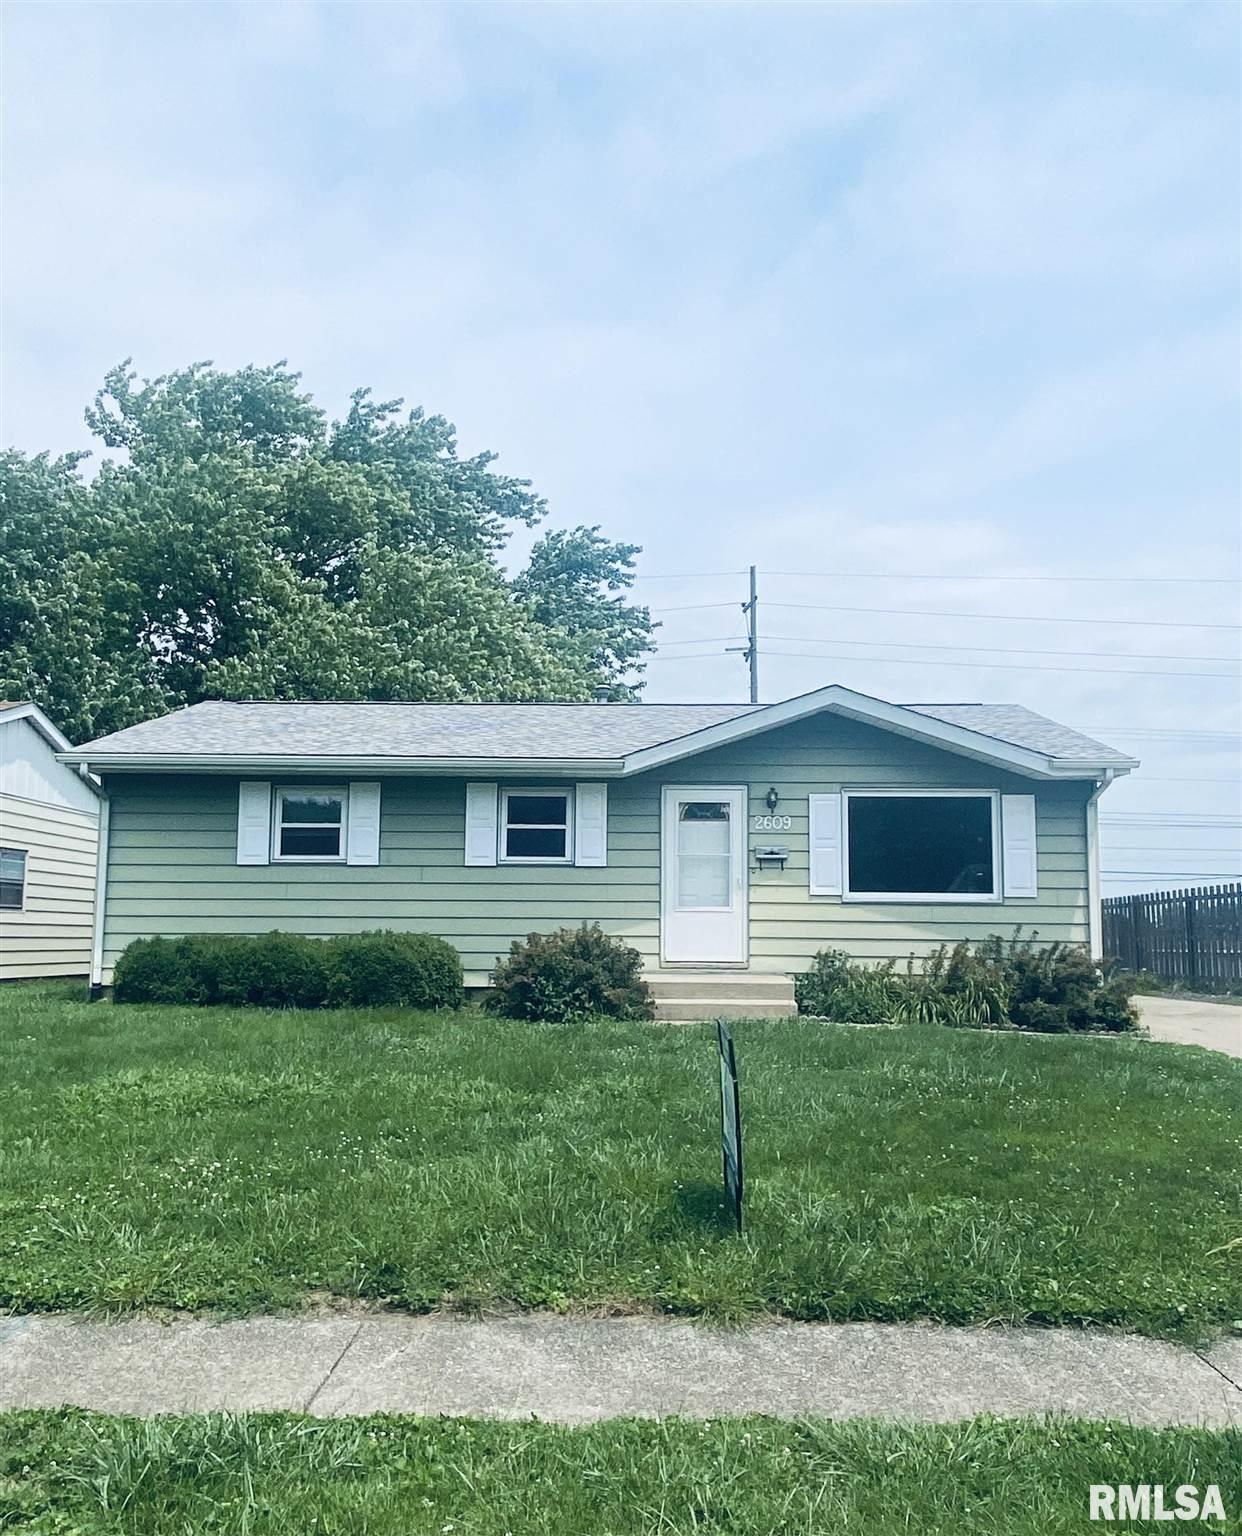 2609 Sherborn, Springfield, IL 62702 - MLS#: CA1008246